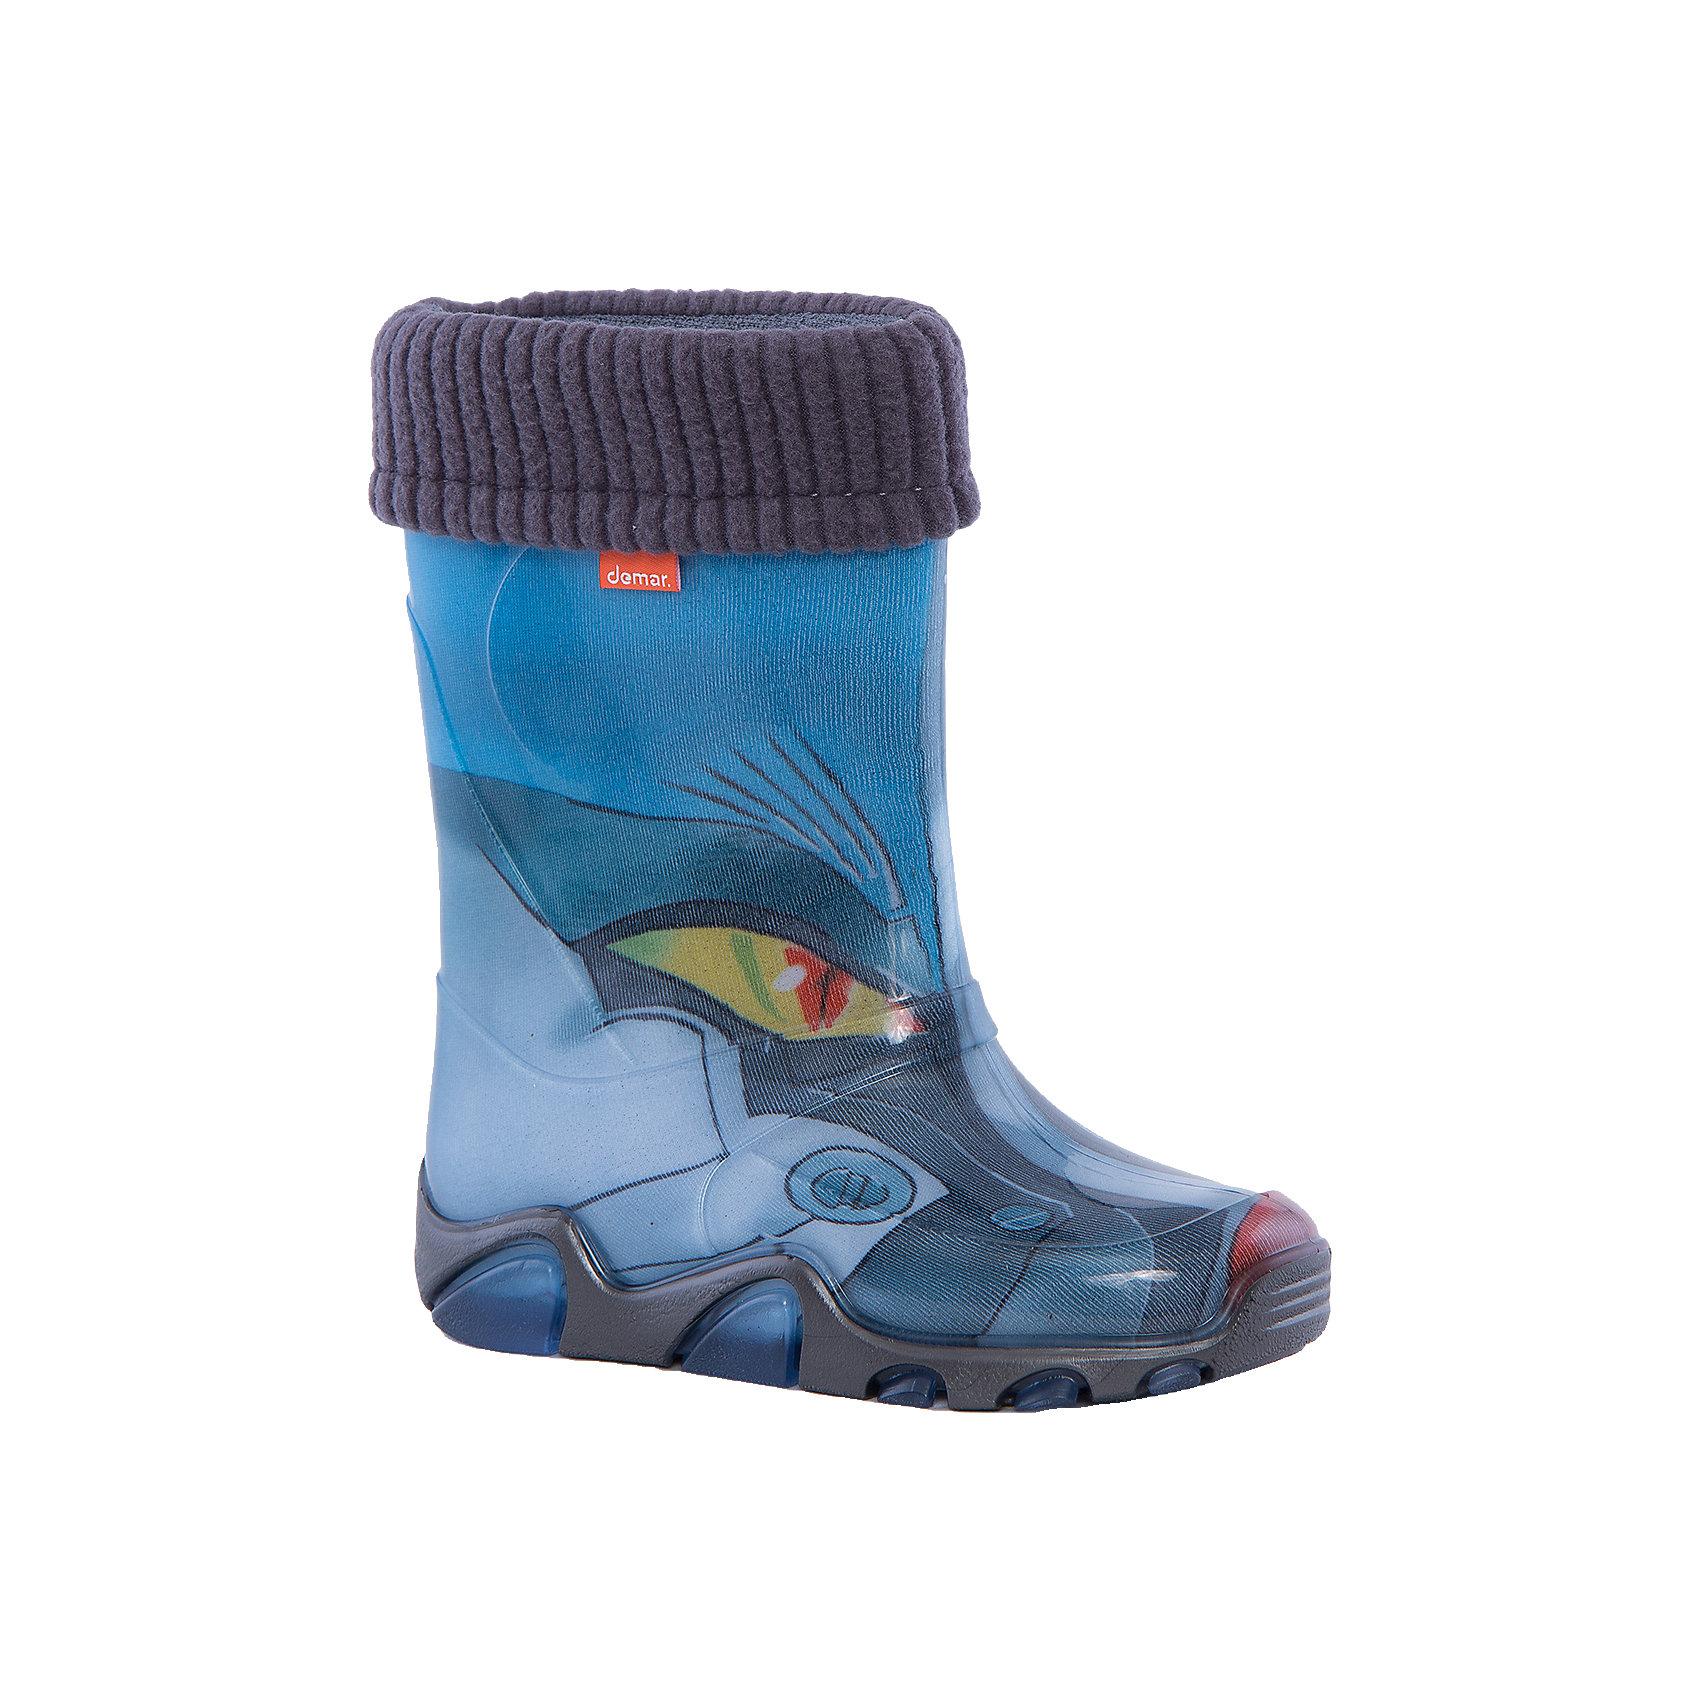 Резиновые сапоги Stormer Lux Print для мальчика DEMARРезиновые сапоги<br>Характеристики товара:<br><br>• цвет: голубой<br>• материал верха: ПВХ<br>• материал подкладки: текстиль <br>• материал подошвы: ПВХ<br>• температурный режим: от 0° до +15° С<br>• верх не продувается<br>• съемный чулок<br>• стильный дизайн<br>• страна бренда: Польша<br>• страна изготовитель: Польша<br><br>Осенью и весной ребенку не обойтись без непромокаемых сапожек! Чтобы не пропустить главные удовольствия межсезонья, нужно запастись удобной обувью. Такие сапожки обеспечат ребенку необходимый для активного отдыха комфорт, а подкладка из текстиля позволит ножкам оставаться теплыми. Сапожки легко надеваются и снимаются, отлично сидят на ноге. Они удивительно легкие!<br>Обувь от польского бренда Demar - это качественные товары, созданные с применением новейших технологий и с использованием как натуральных, так и высокотехнологичных материалов. Обувь отличается стильным дизайном и продуманной конструкцией. Изделие производится из качественных и проверенных материалов, которые безопасны для детей.<br><br>Сапожки от бренда Demar (Демар) можно купить в нашем интернет-магазине.<br><br>Ширина мм: 257<br>Глубина мм: 180<br>Высота мм: 130<br>Вес г: 420<br>Цвет: разноцветный<br>Возраст от месяцев: 120<br>Возраст до месяцев: 132<br>Пол: Мужской<br>Возраст: Детский<br>Размер: 34/35,30/31,32/33,28/29<br>SKU: 4576050